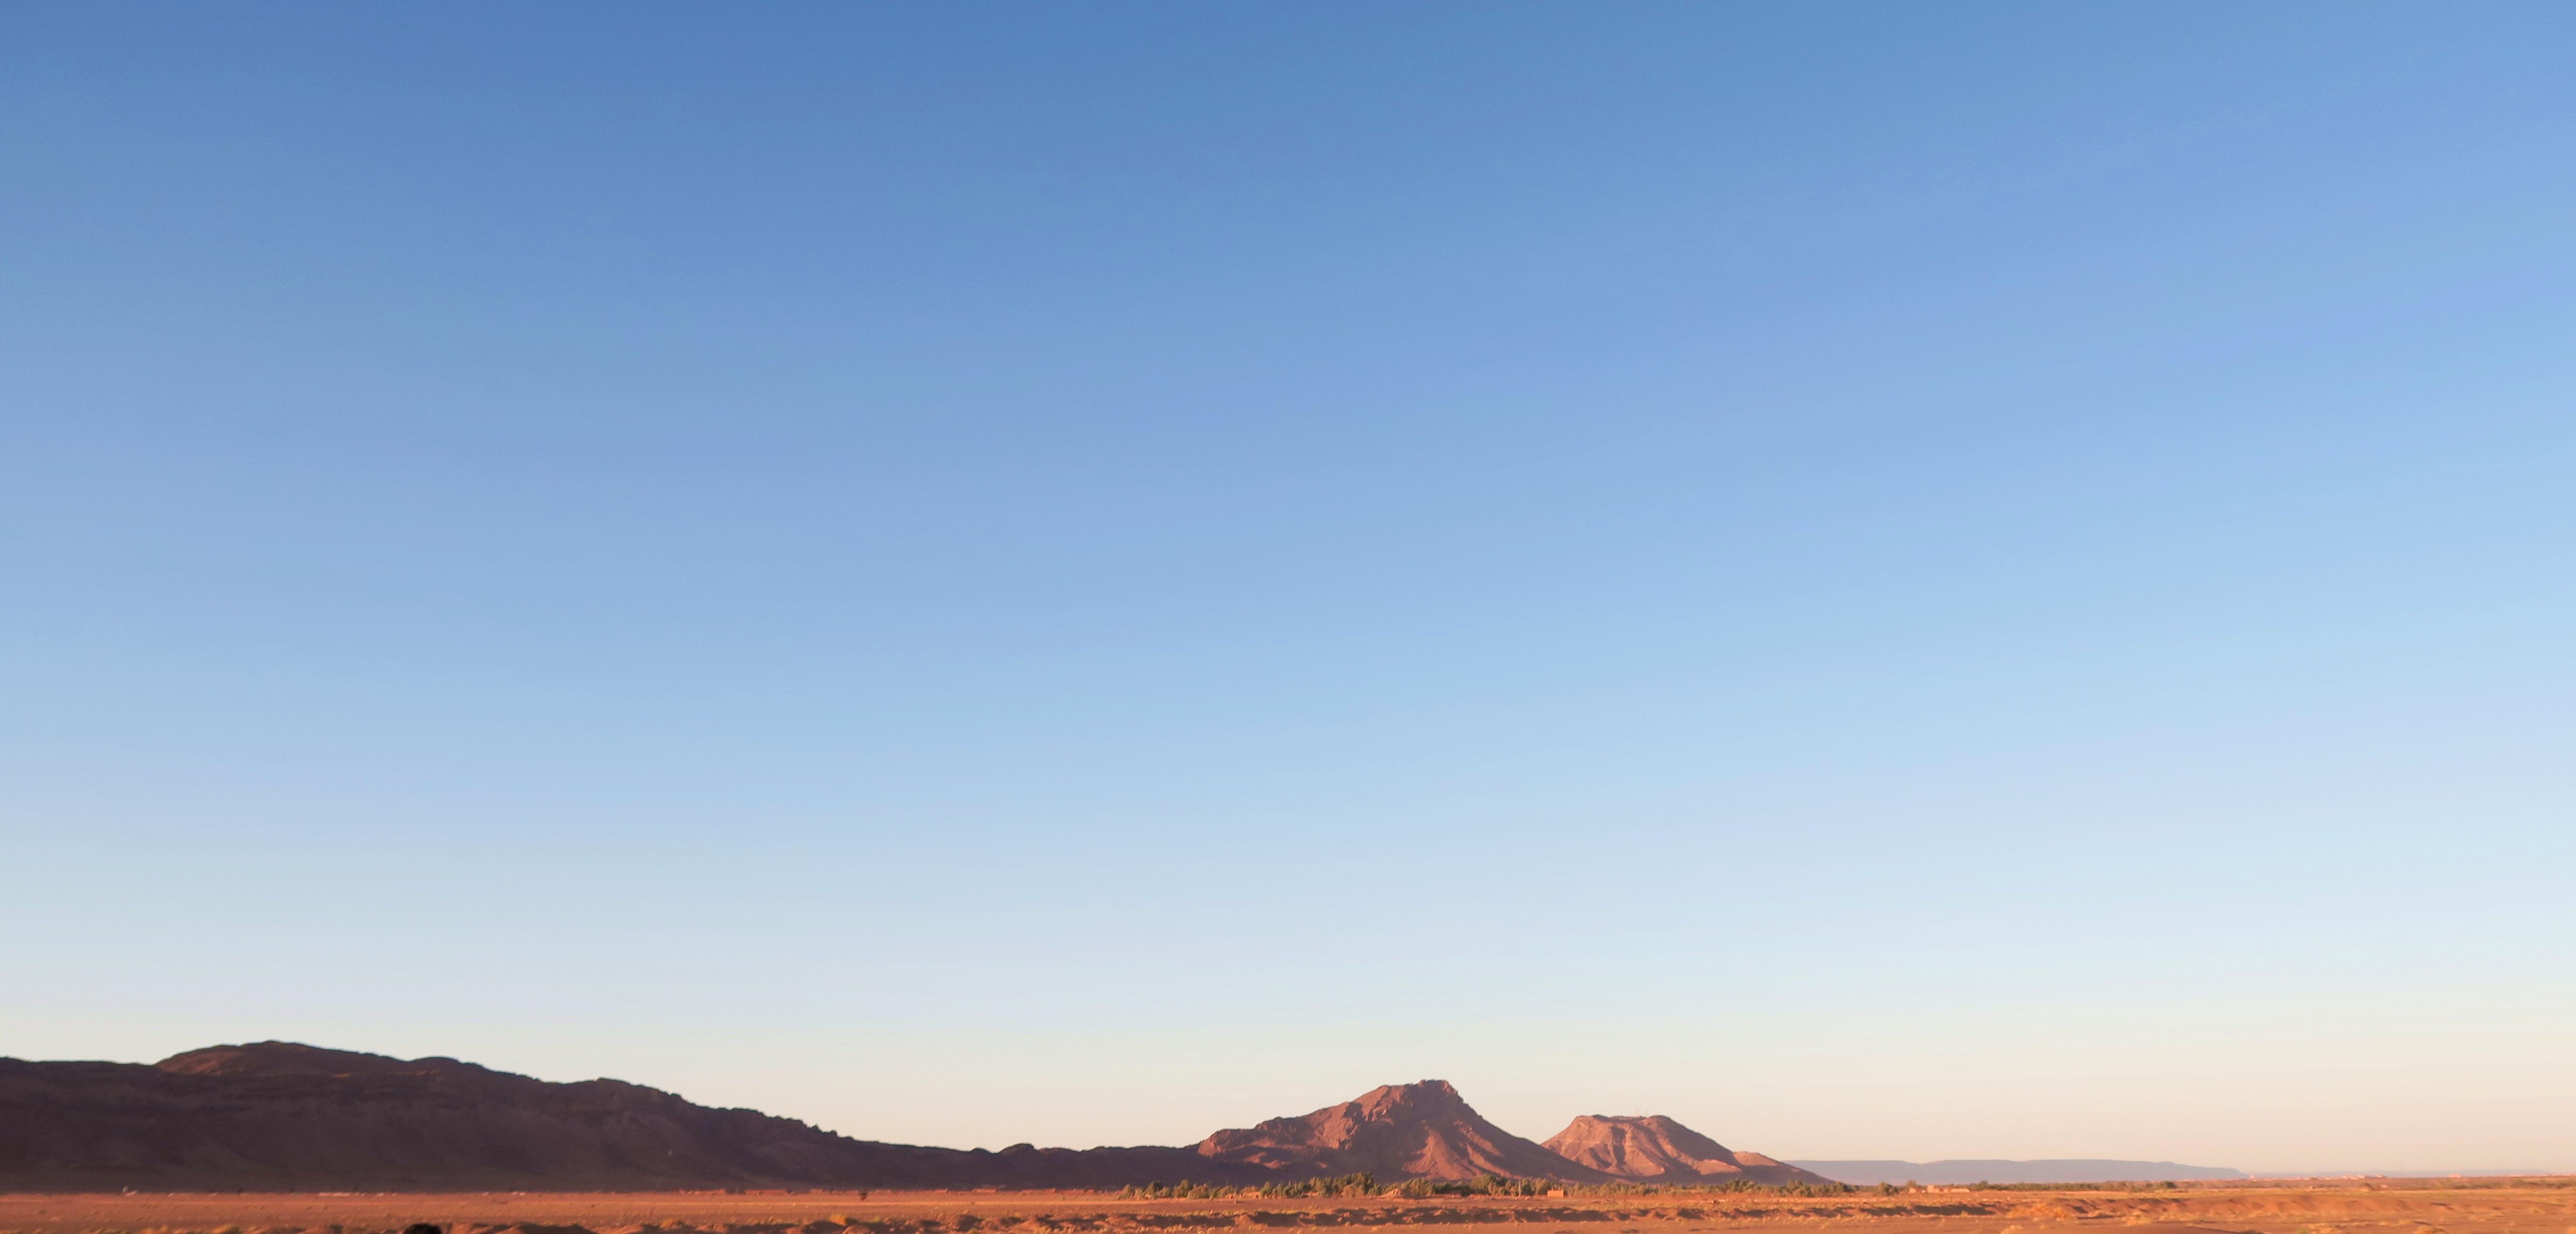 Sahara-Desert-Landscape-Dunes